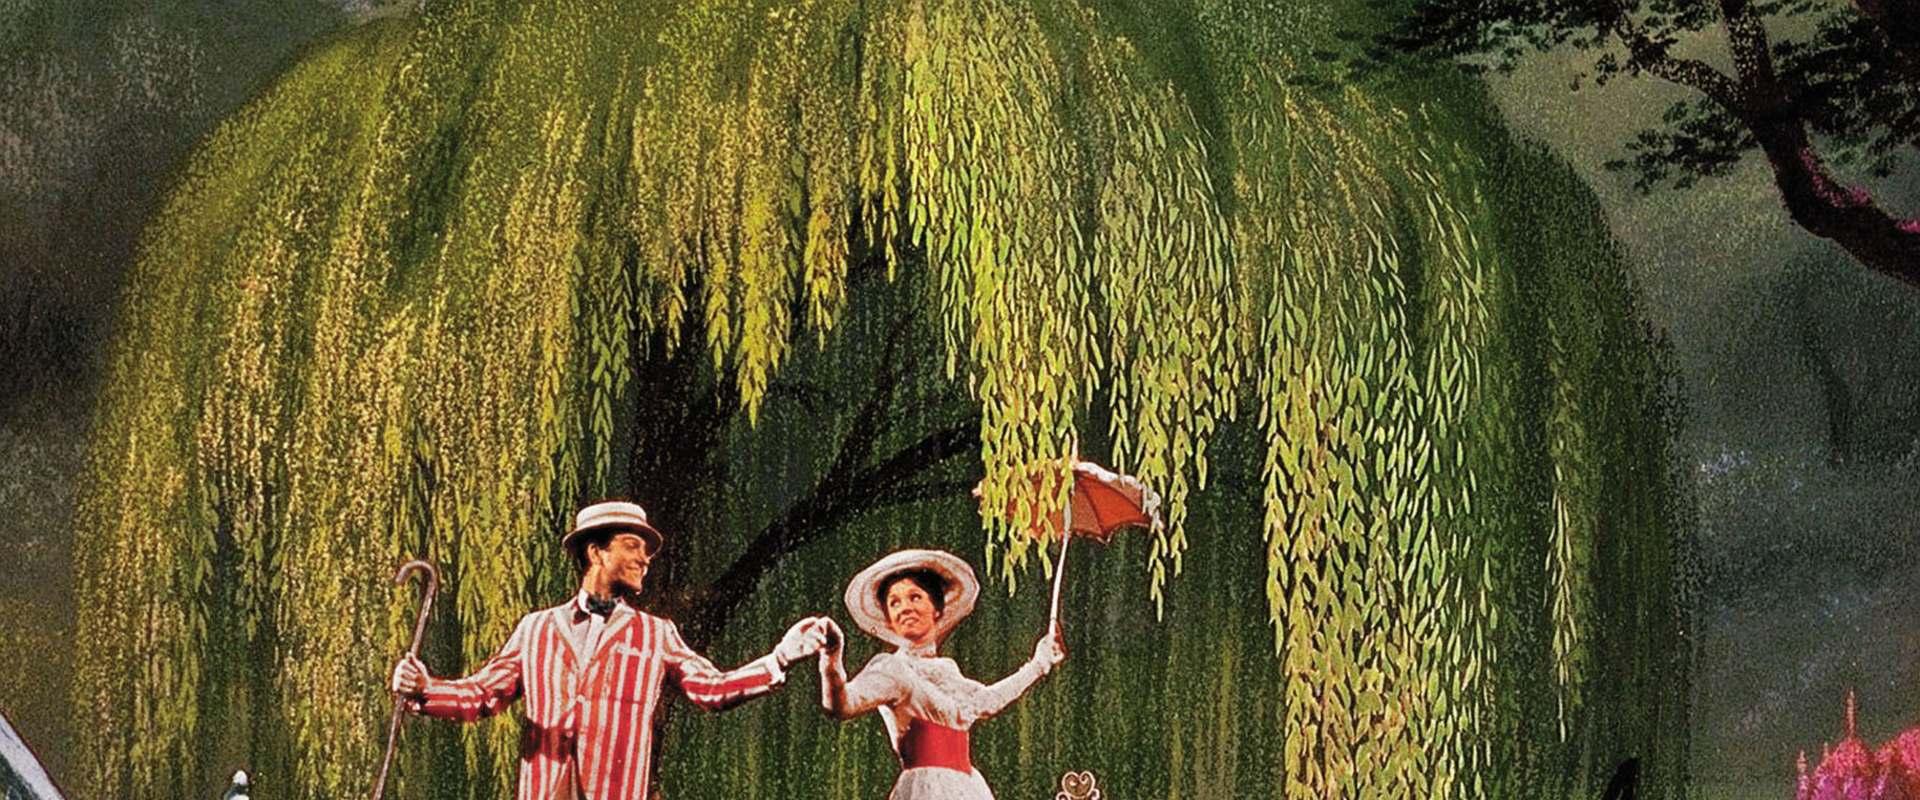 Mary Poppins Netflix